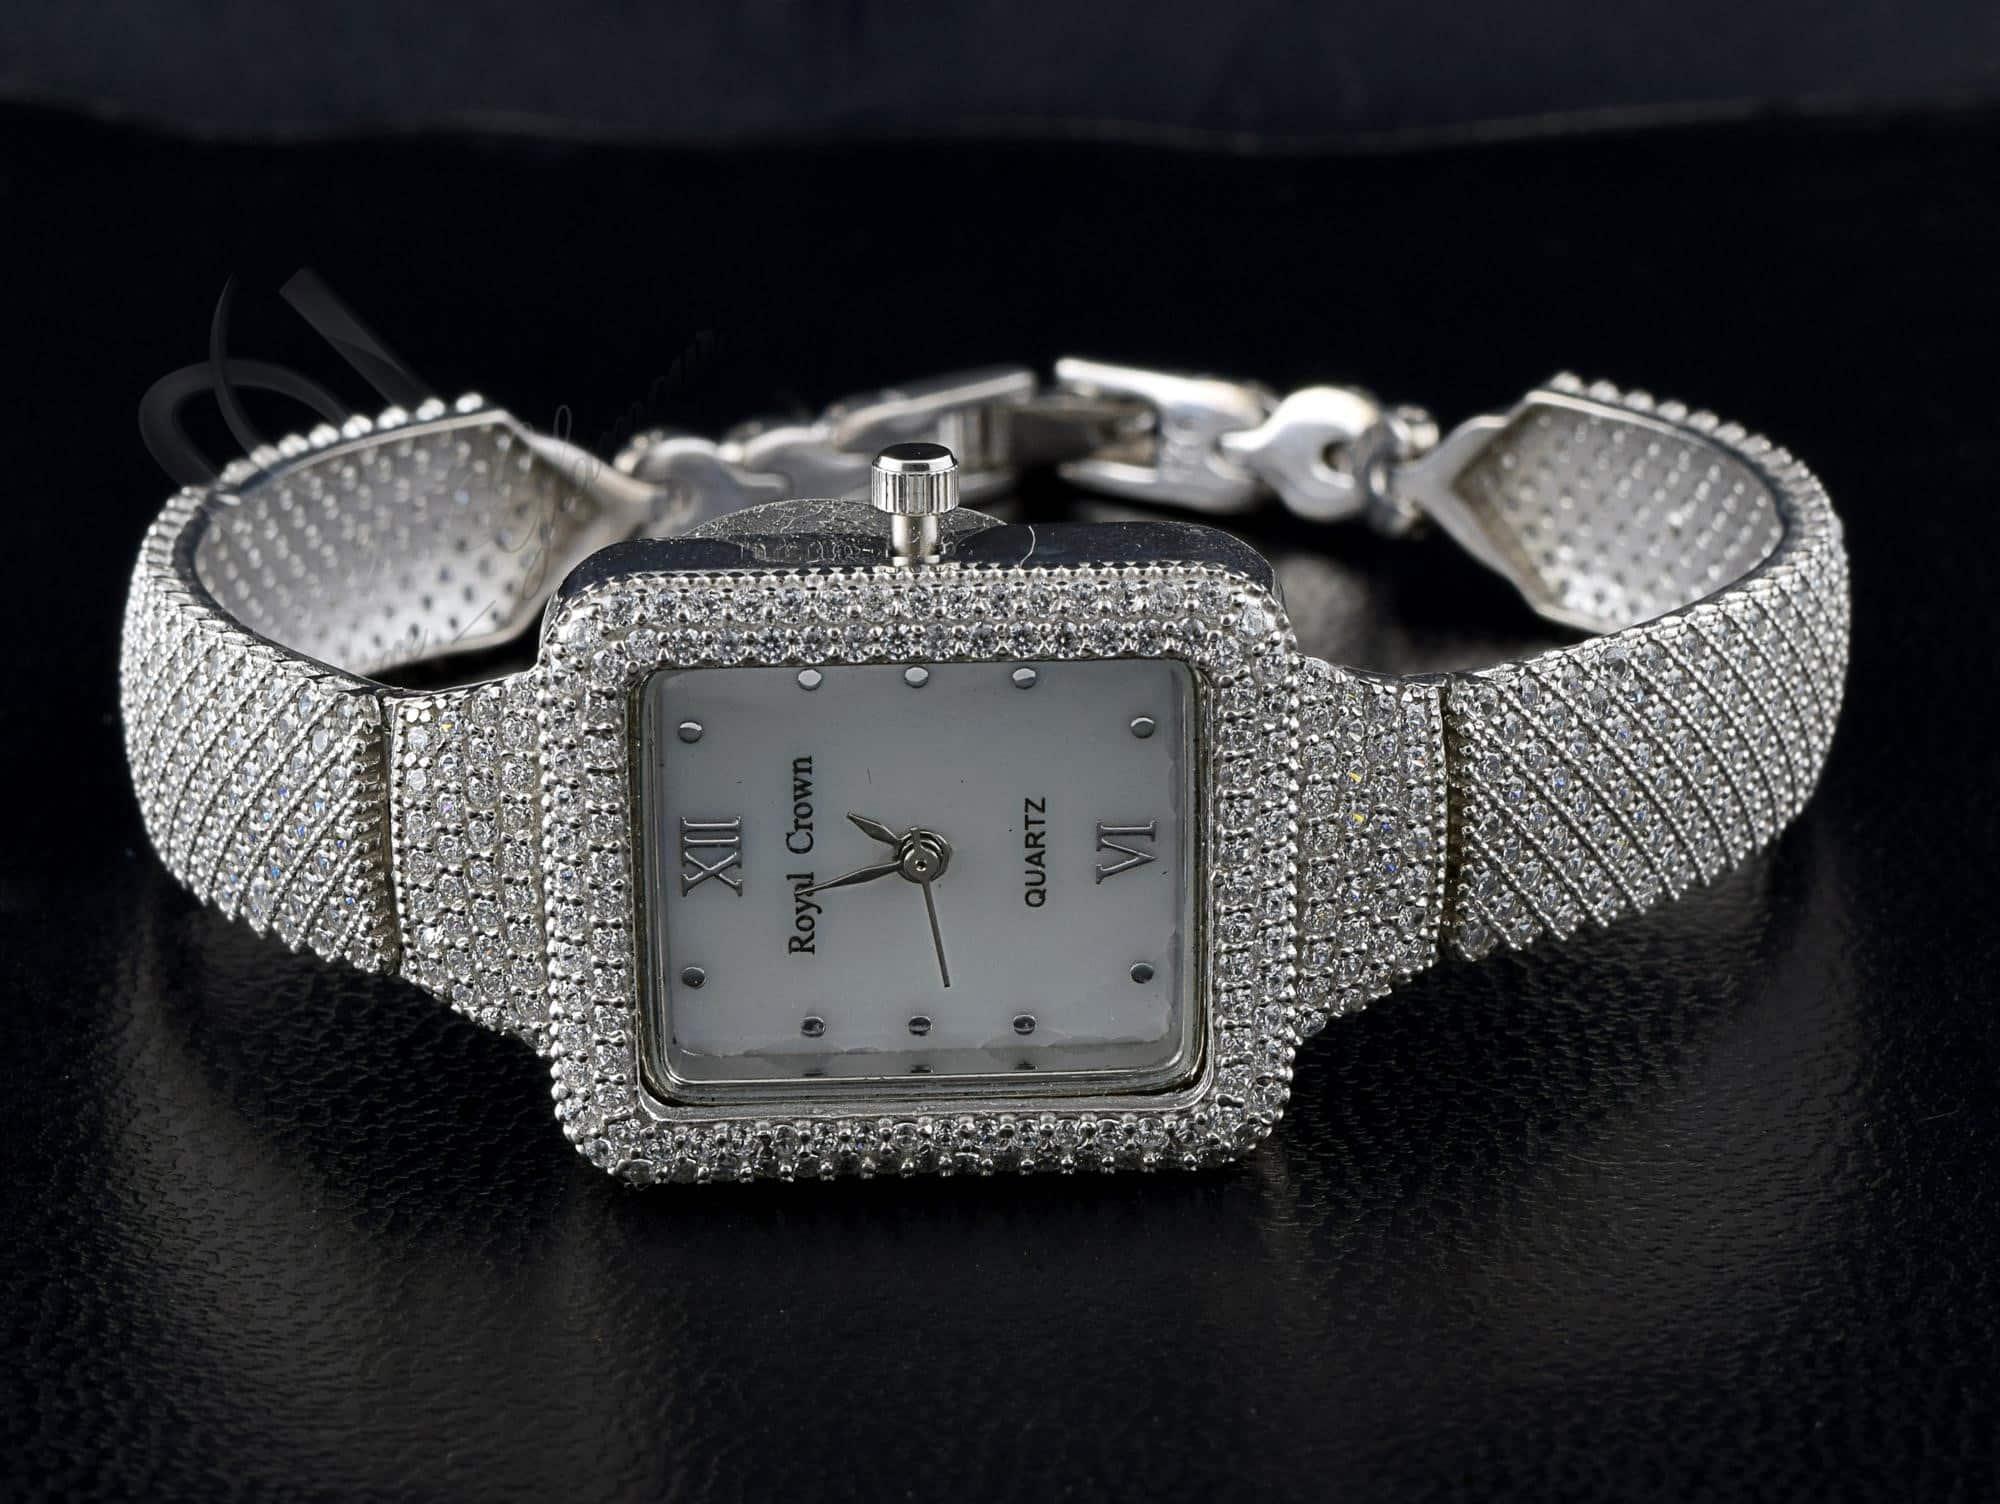 خرید ساعت نقره زنانه نگین دار مجلسی با صفحه مستطیلی Wh-n101 - عکس از روبرو